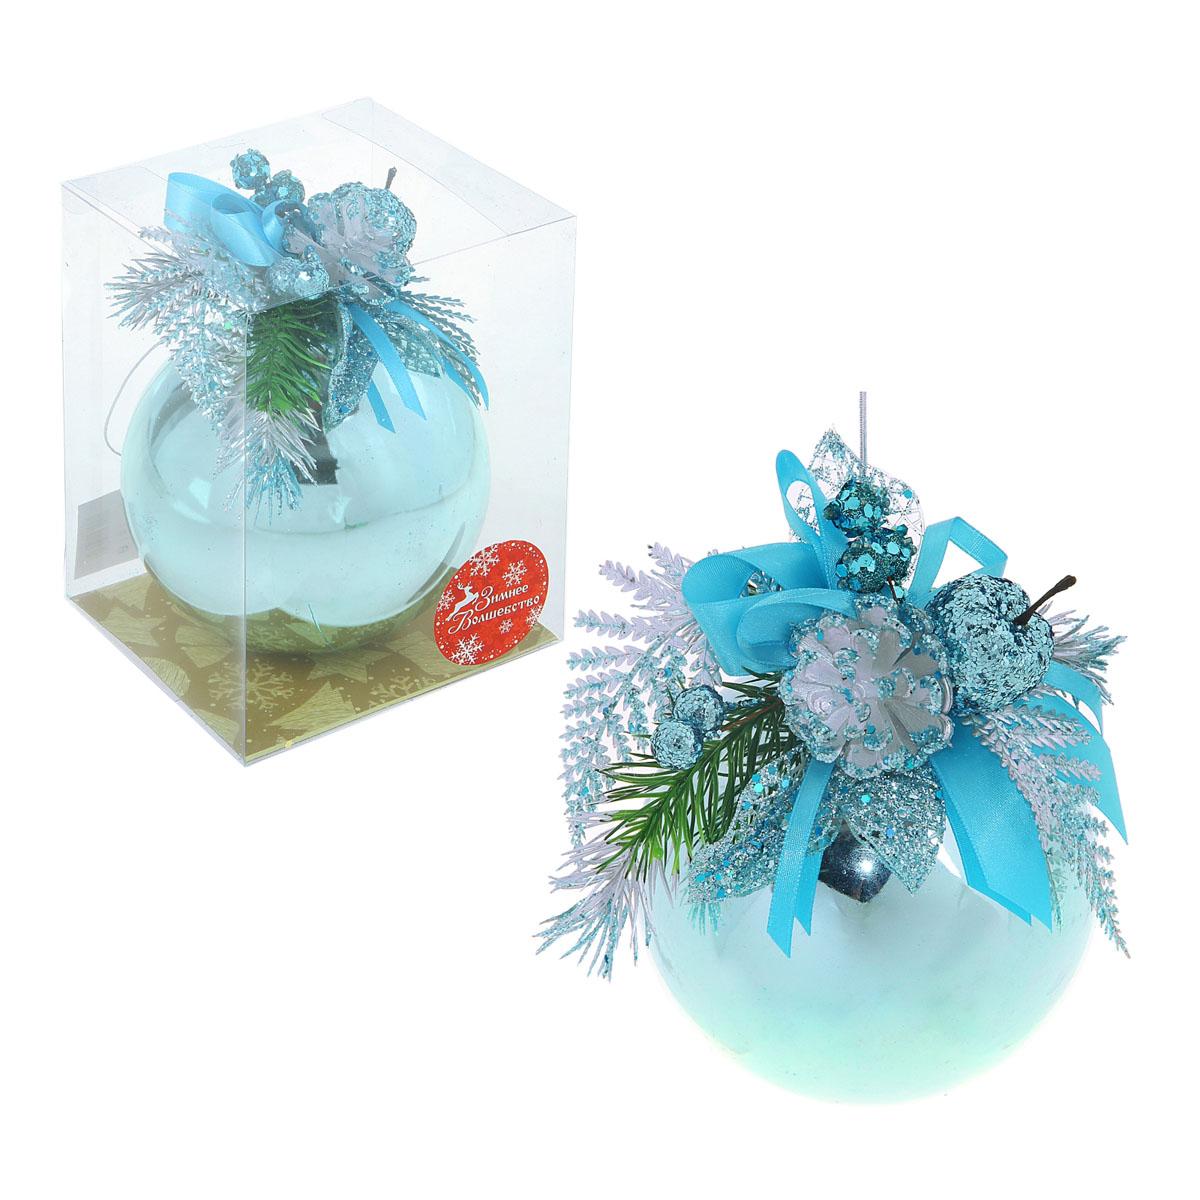 """Новогоднее подвесное украшение Sima-land """"Шар"""", выполненное из пластика с глянцевой поверхностью, прекрасно подойдет для праздничного декора новогодней ели. Шар украшен бантом, веточками ели и яблочком. Для удобного размещения на елке для шара предусмотрена текстильная петелька.   Елочная игрушка - символ Нового года. Она несет в себе волшебство и красоту праздника. Создайте в своем доме атмосферу веселья и радости, украшая новогоднюю елку нарядными игрушками, которые будут из года в год накапливать теплоту воспоминаний.  Коллекция декоративных украшений принесет в ваш дом ни с чем несравнимое ощущение волшебства! Откройте для себя удивительный мир сказок и грез. Почувствуйте волшебные минуты ожидания праздника, создайте новогоднее настроение вашим дорогим и близким.   Диаметр шара: 12 см.  Материал: пластик, текстиль."""